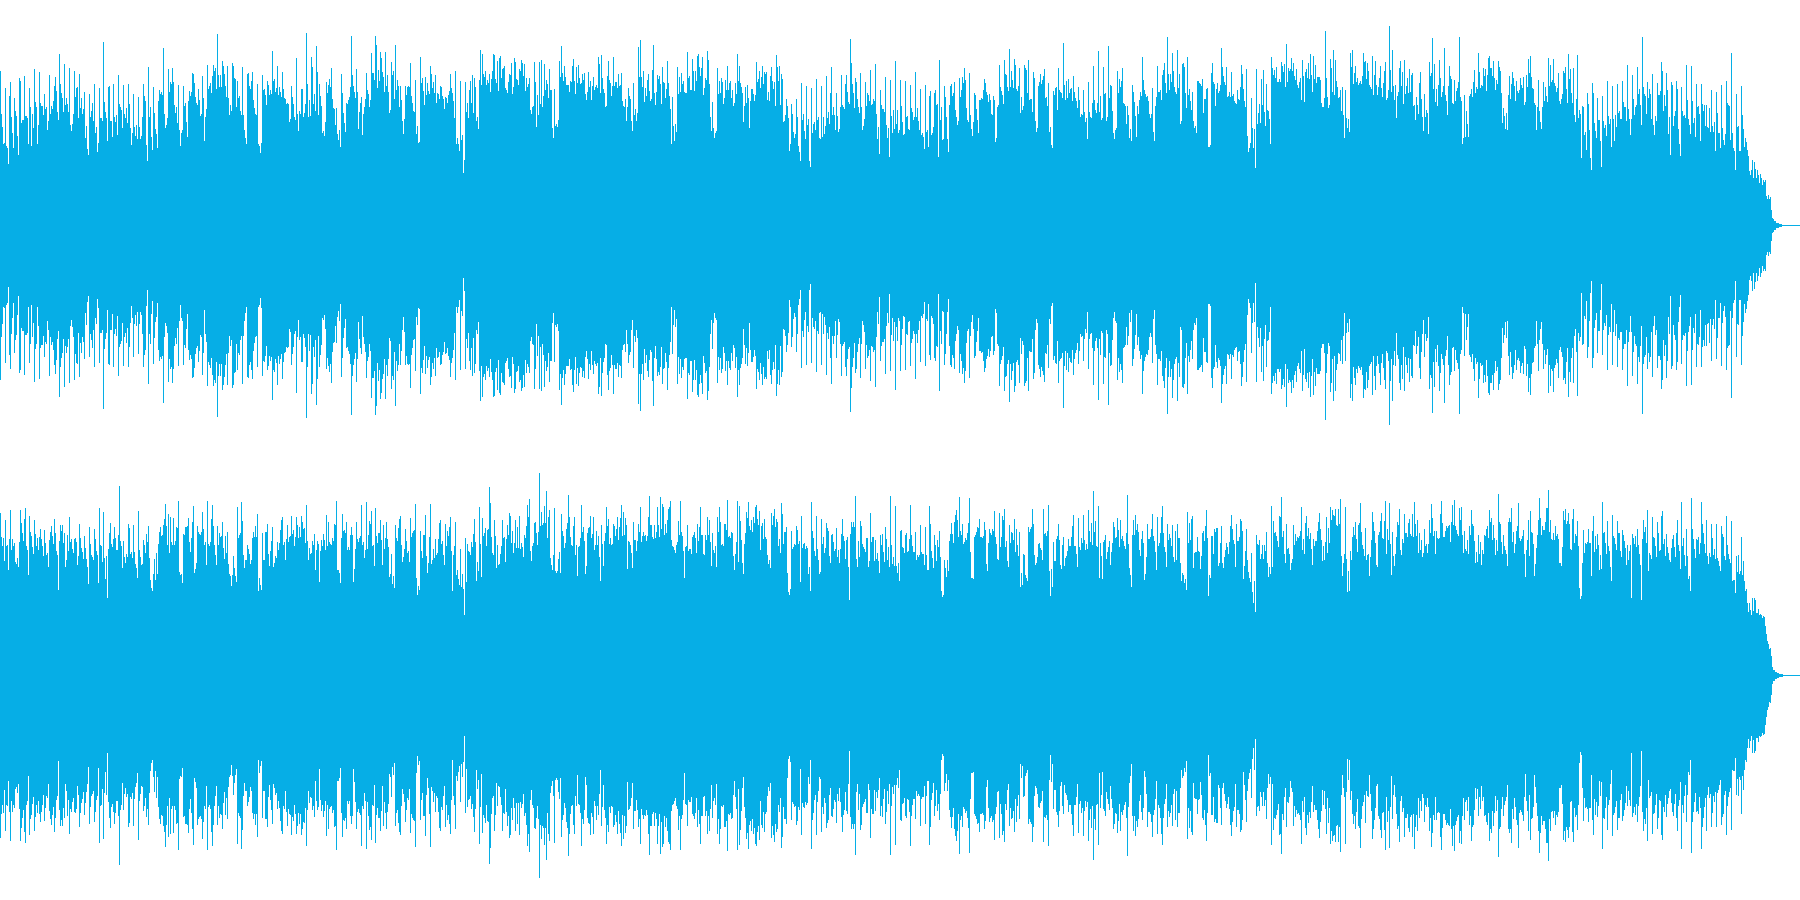 フルートが奏でるラテン系マーチ風ポップスの再生済みの波形